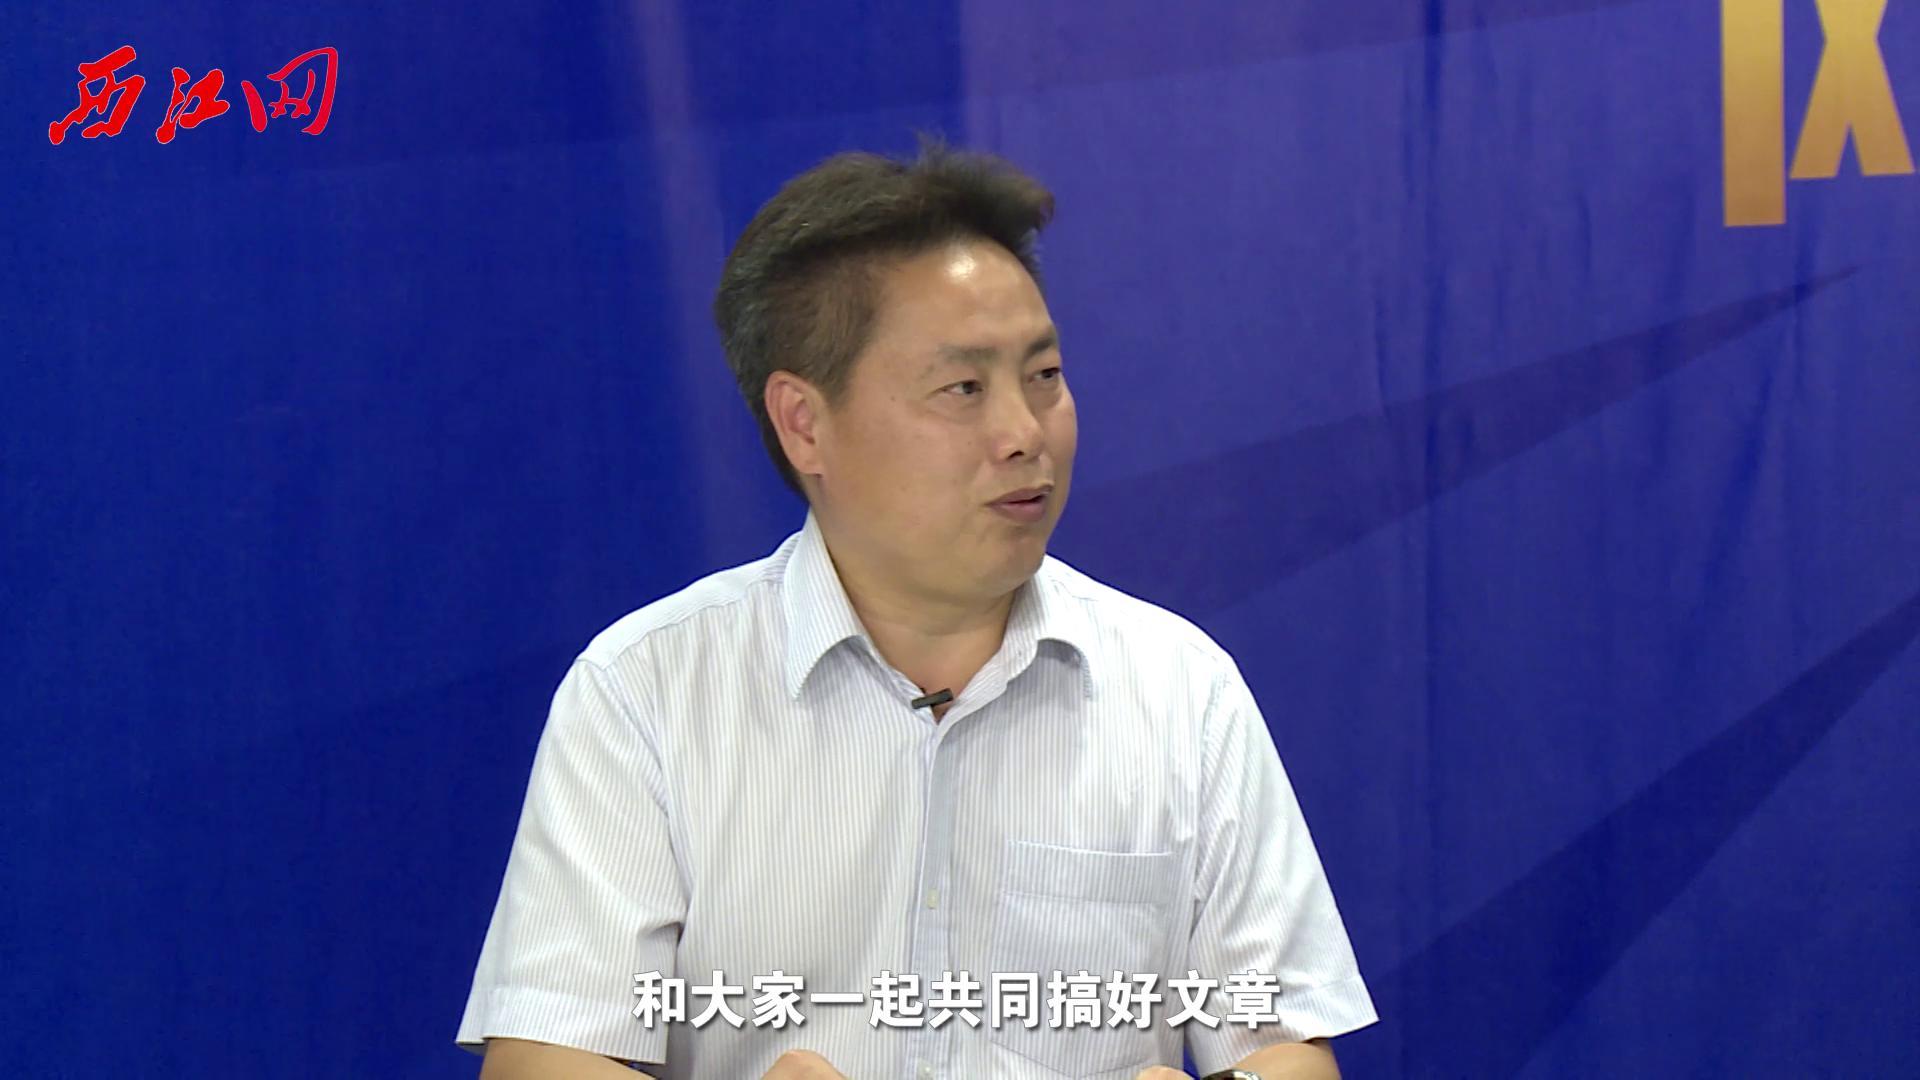 网上访谈高新区党工委副书记管委会主任陈家添